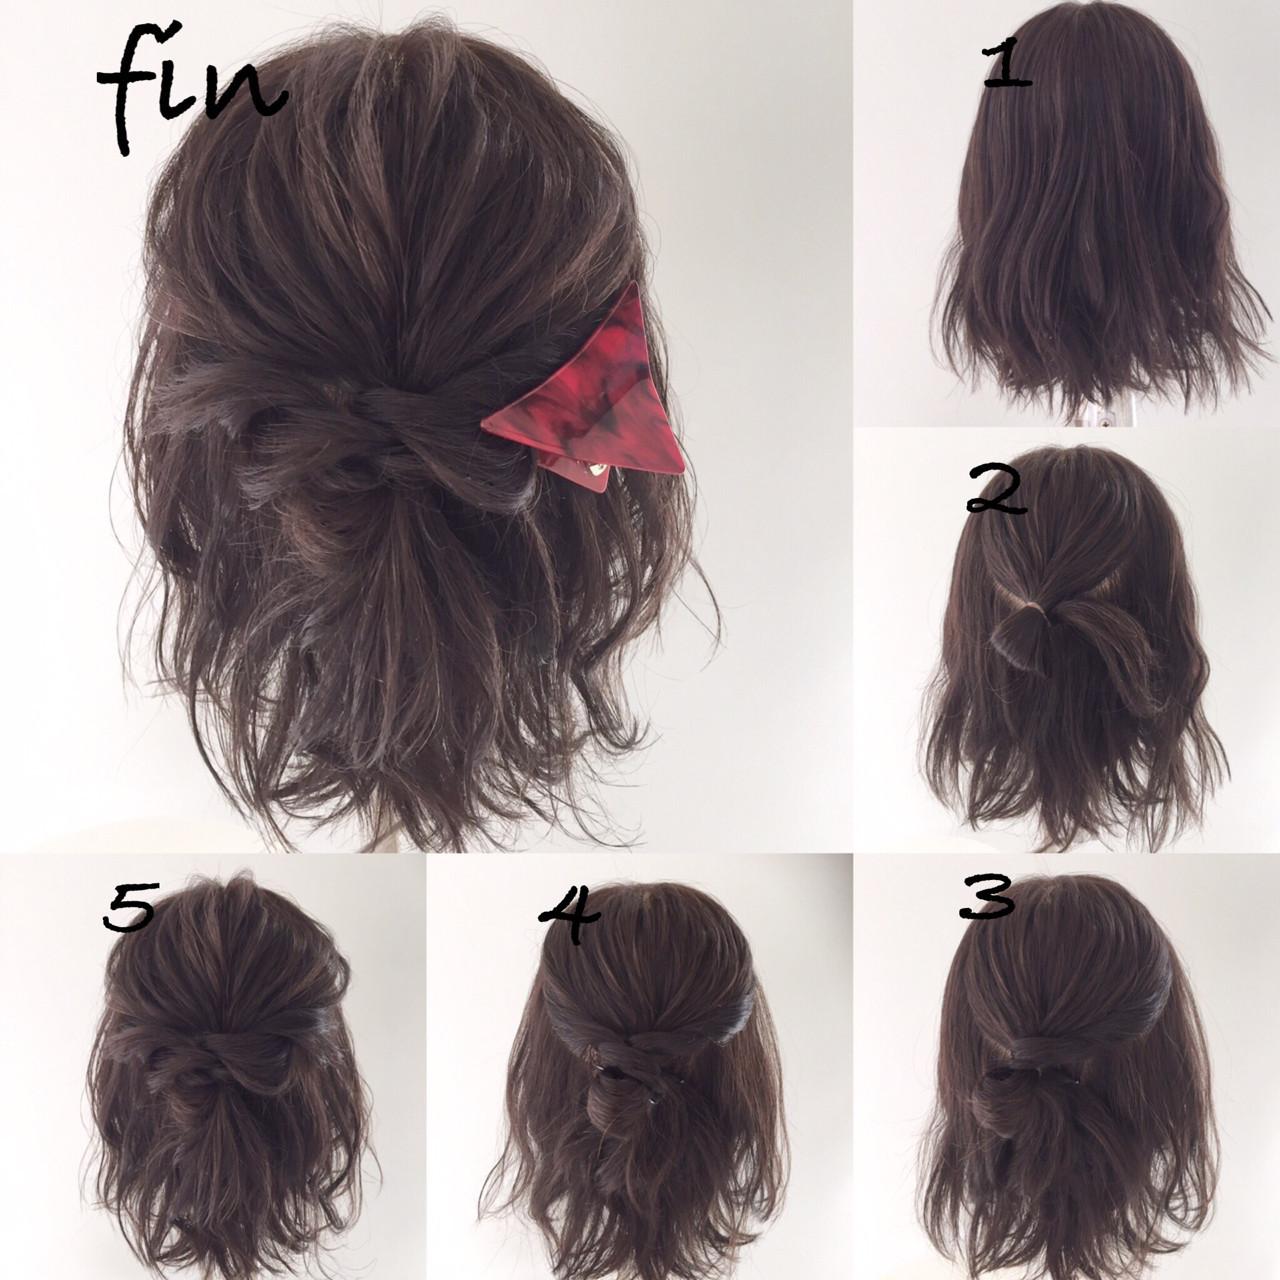 ヘアアレンジ ハーフアップ 簡単ヘアアレンジ ショート ヘアスタイルや髪型の写真・画像